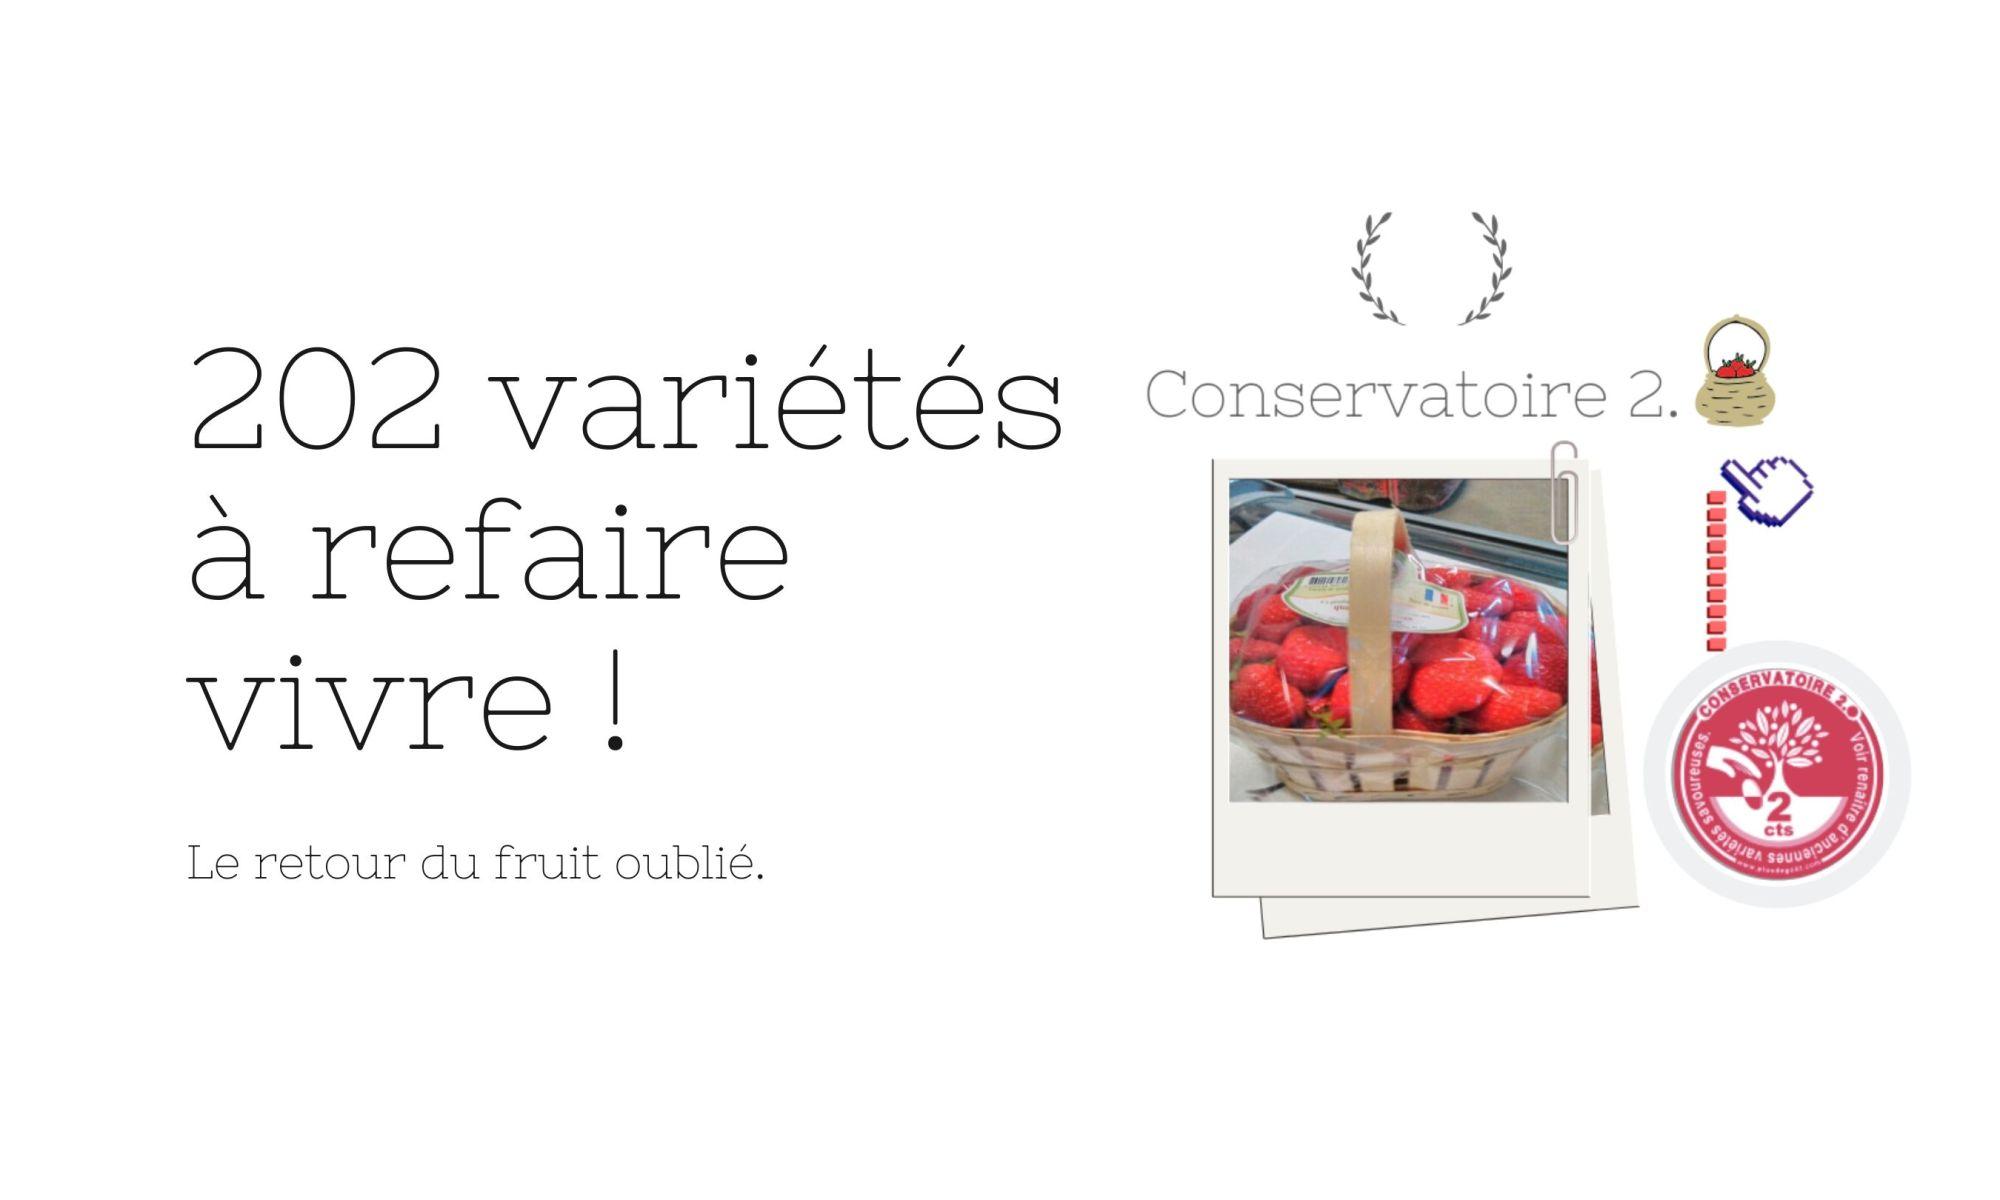 Conservatoire 2.0 : le retour du fruit oublié. 202 variétés à faire revivre.